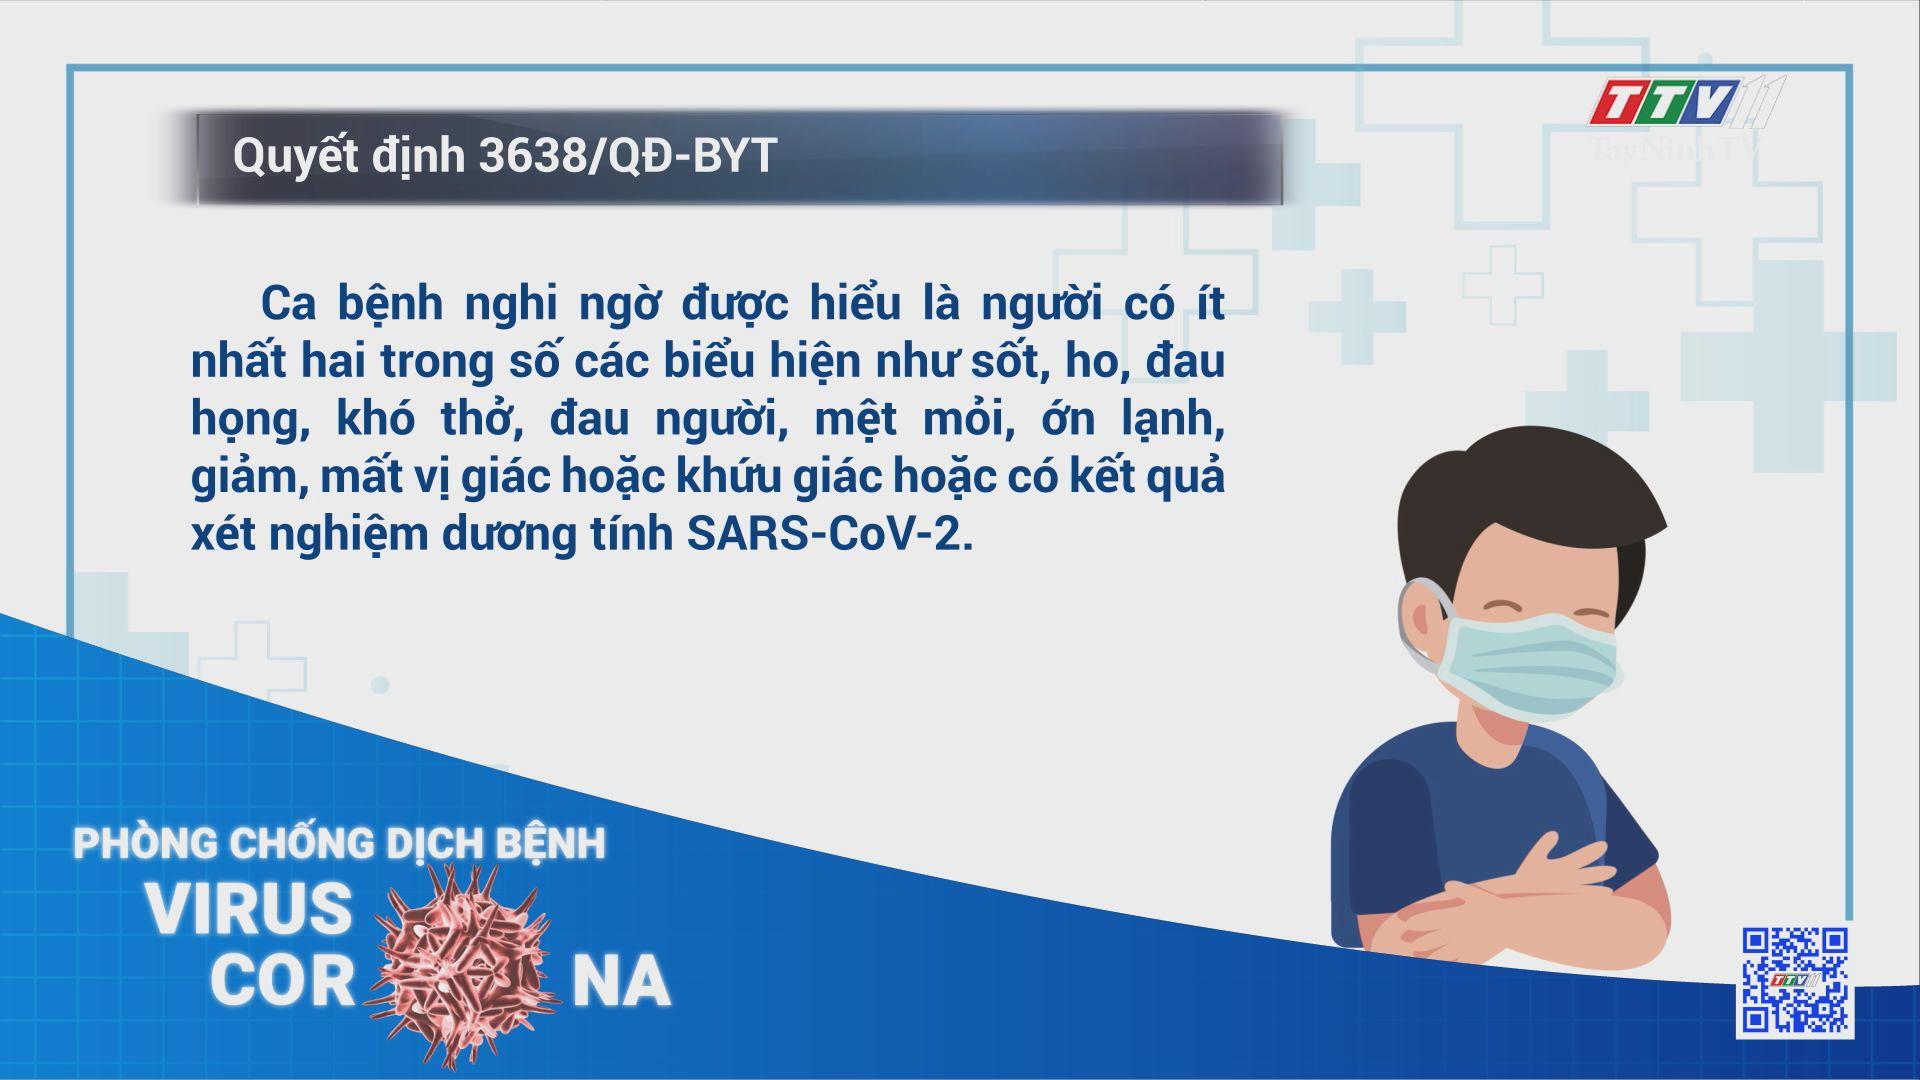 Hướng dẫn mới về ca nghi nhiễm COVID-19, cách thức xác định F1, F2 | THÔNG TIN DỊCH COVID-19 | TayNinhTV